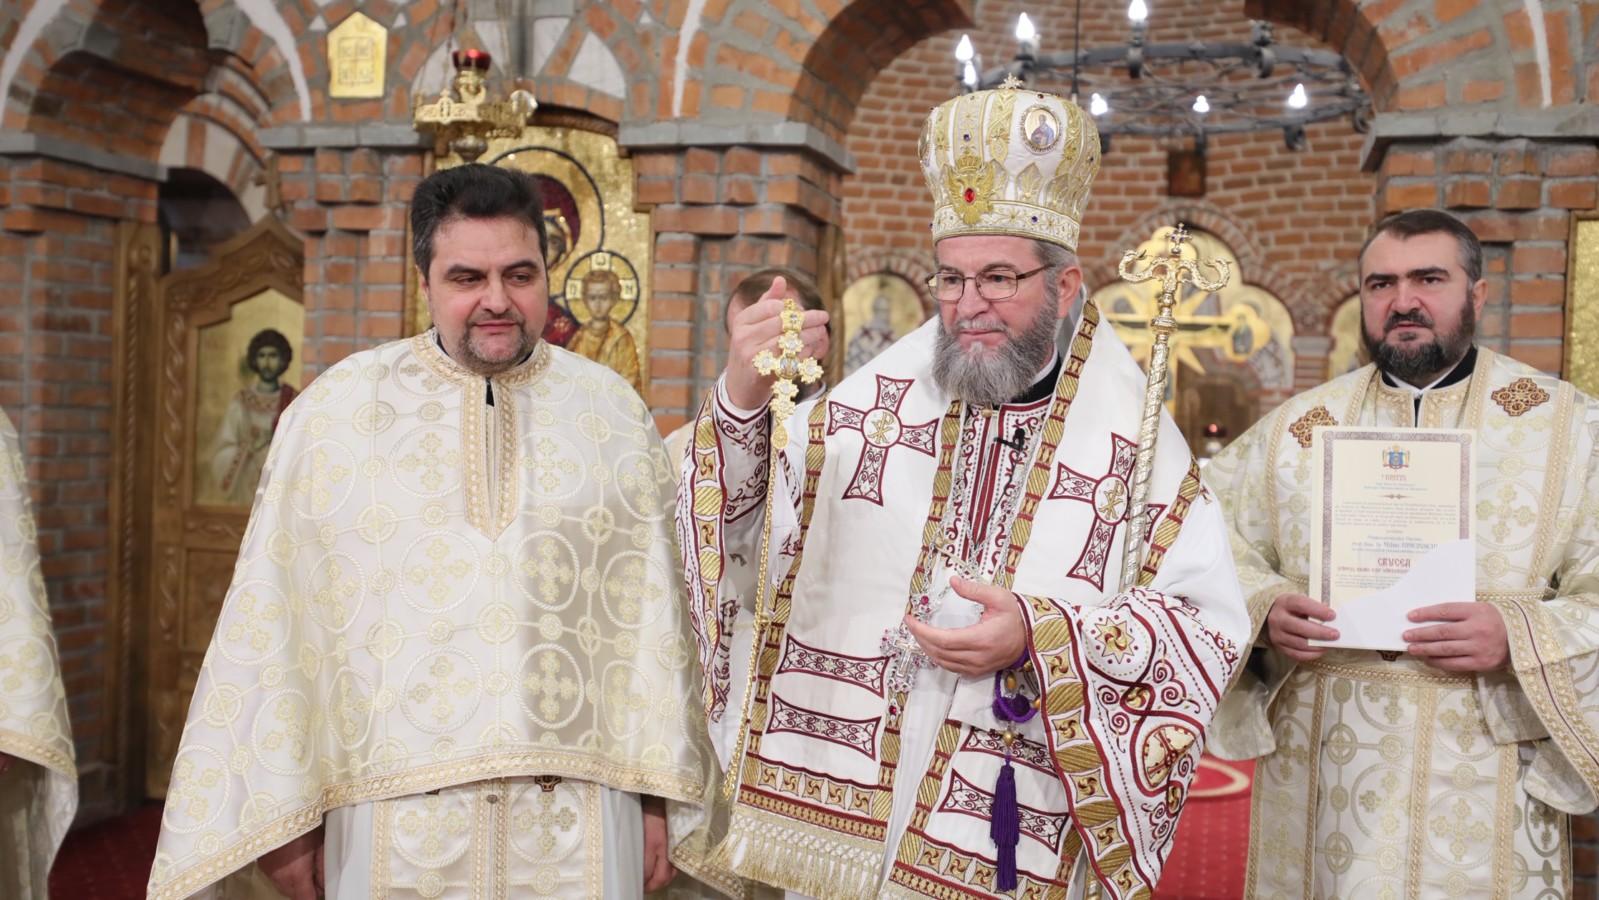 Crucea Sfântul Iosif Marturisitorul pentru Pr. Prof. Univ. Dr. Mihai Himcinschi